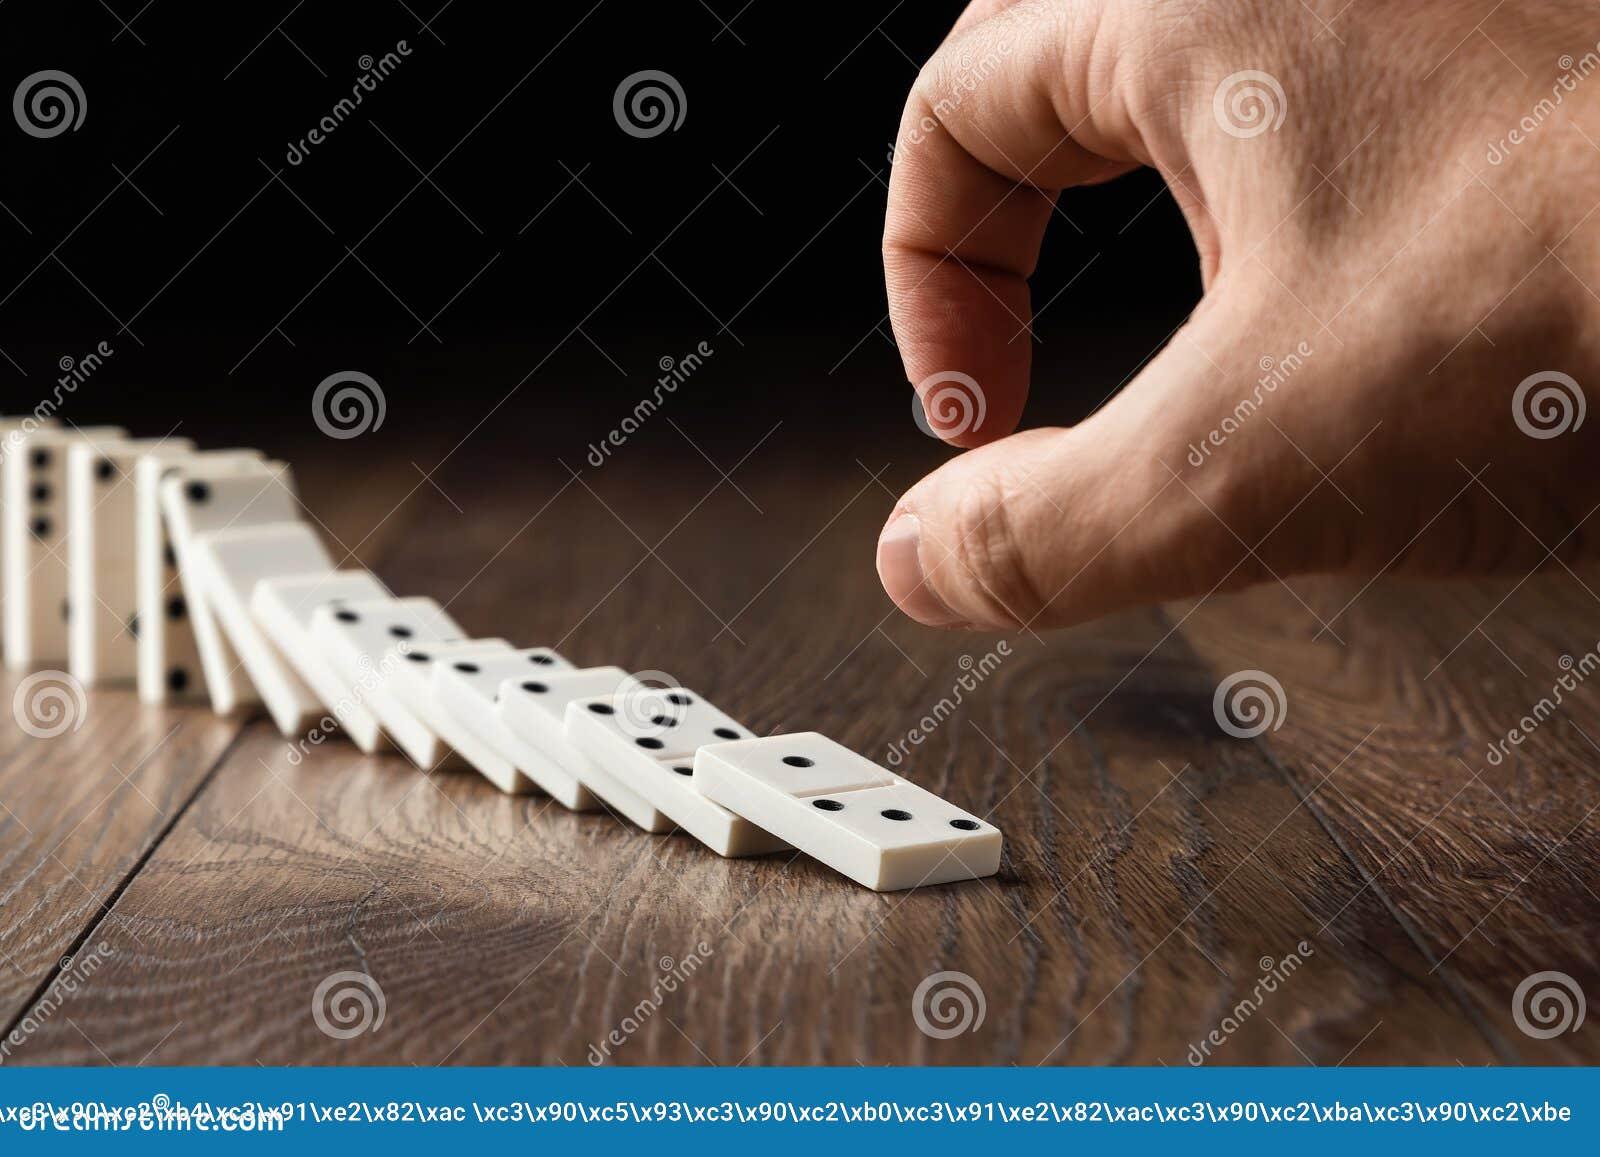 Fondo creativo, domin?s blancos que empujan manualmente masculinos, en un fondo de madera marr?n Concepto de efecto de domin?, ca